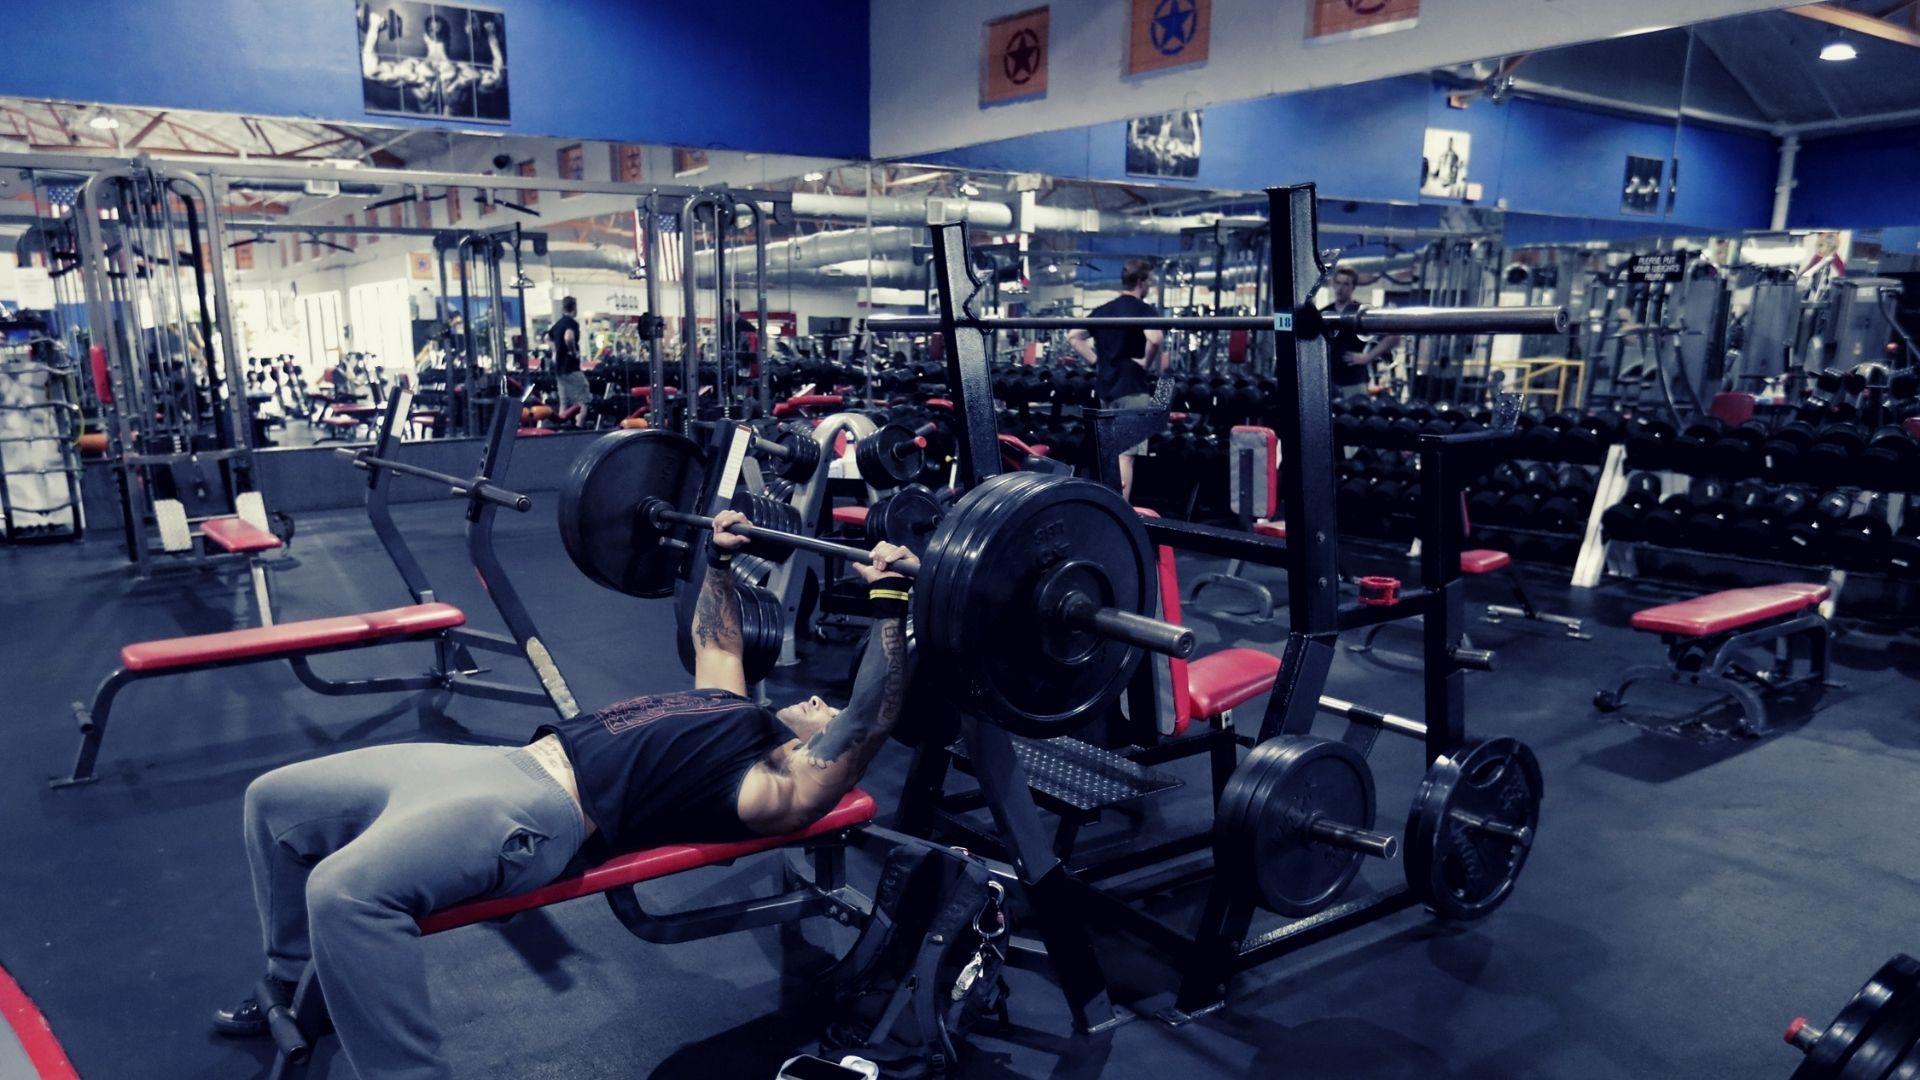 Pengertian Gym yang Harus Anda Ketahui!